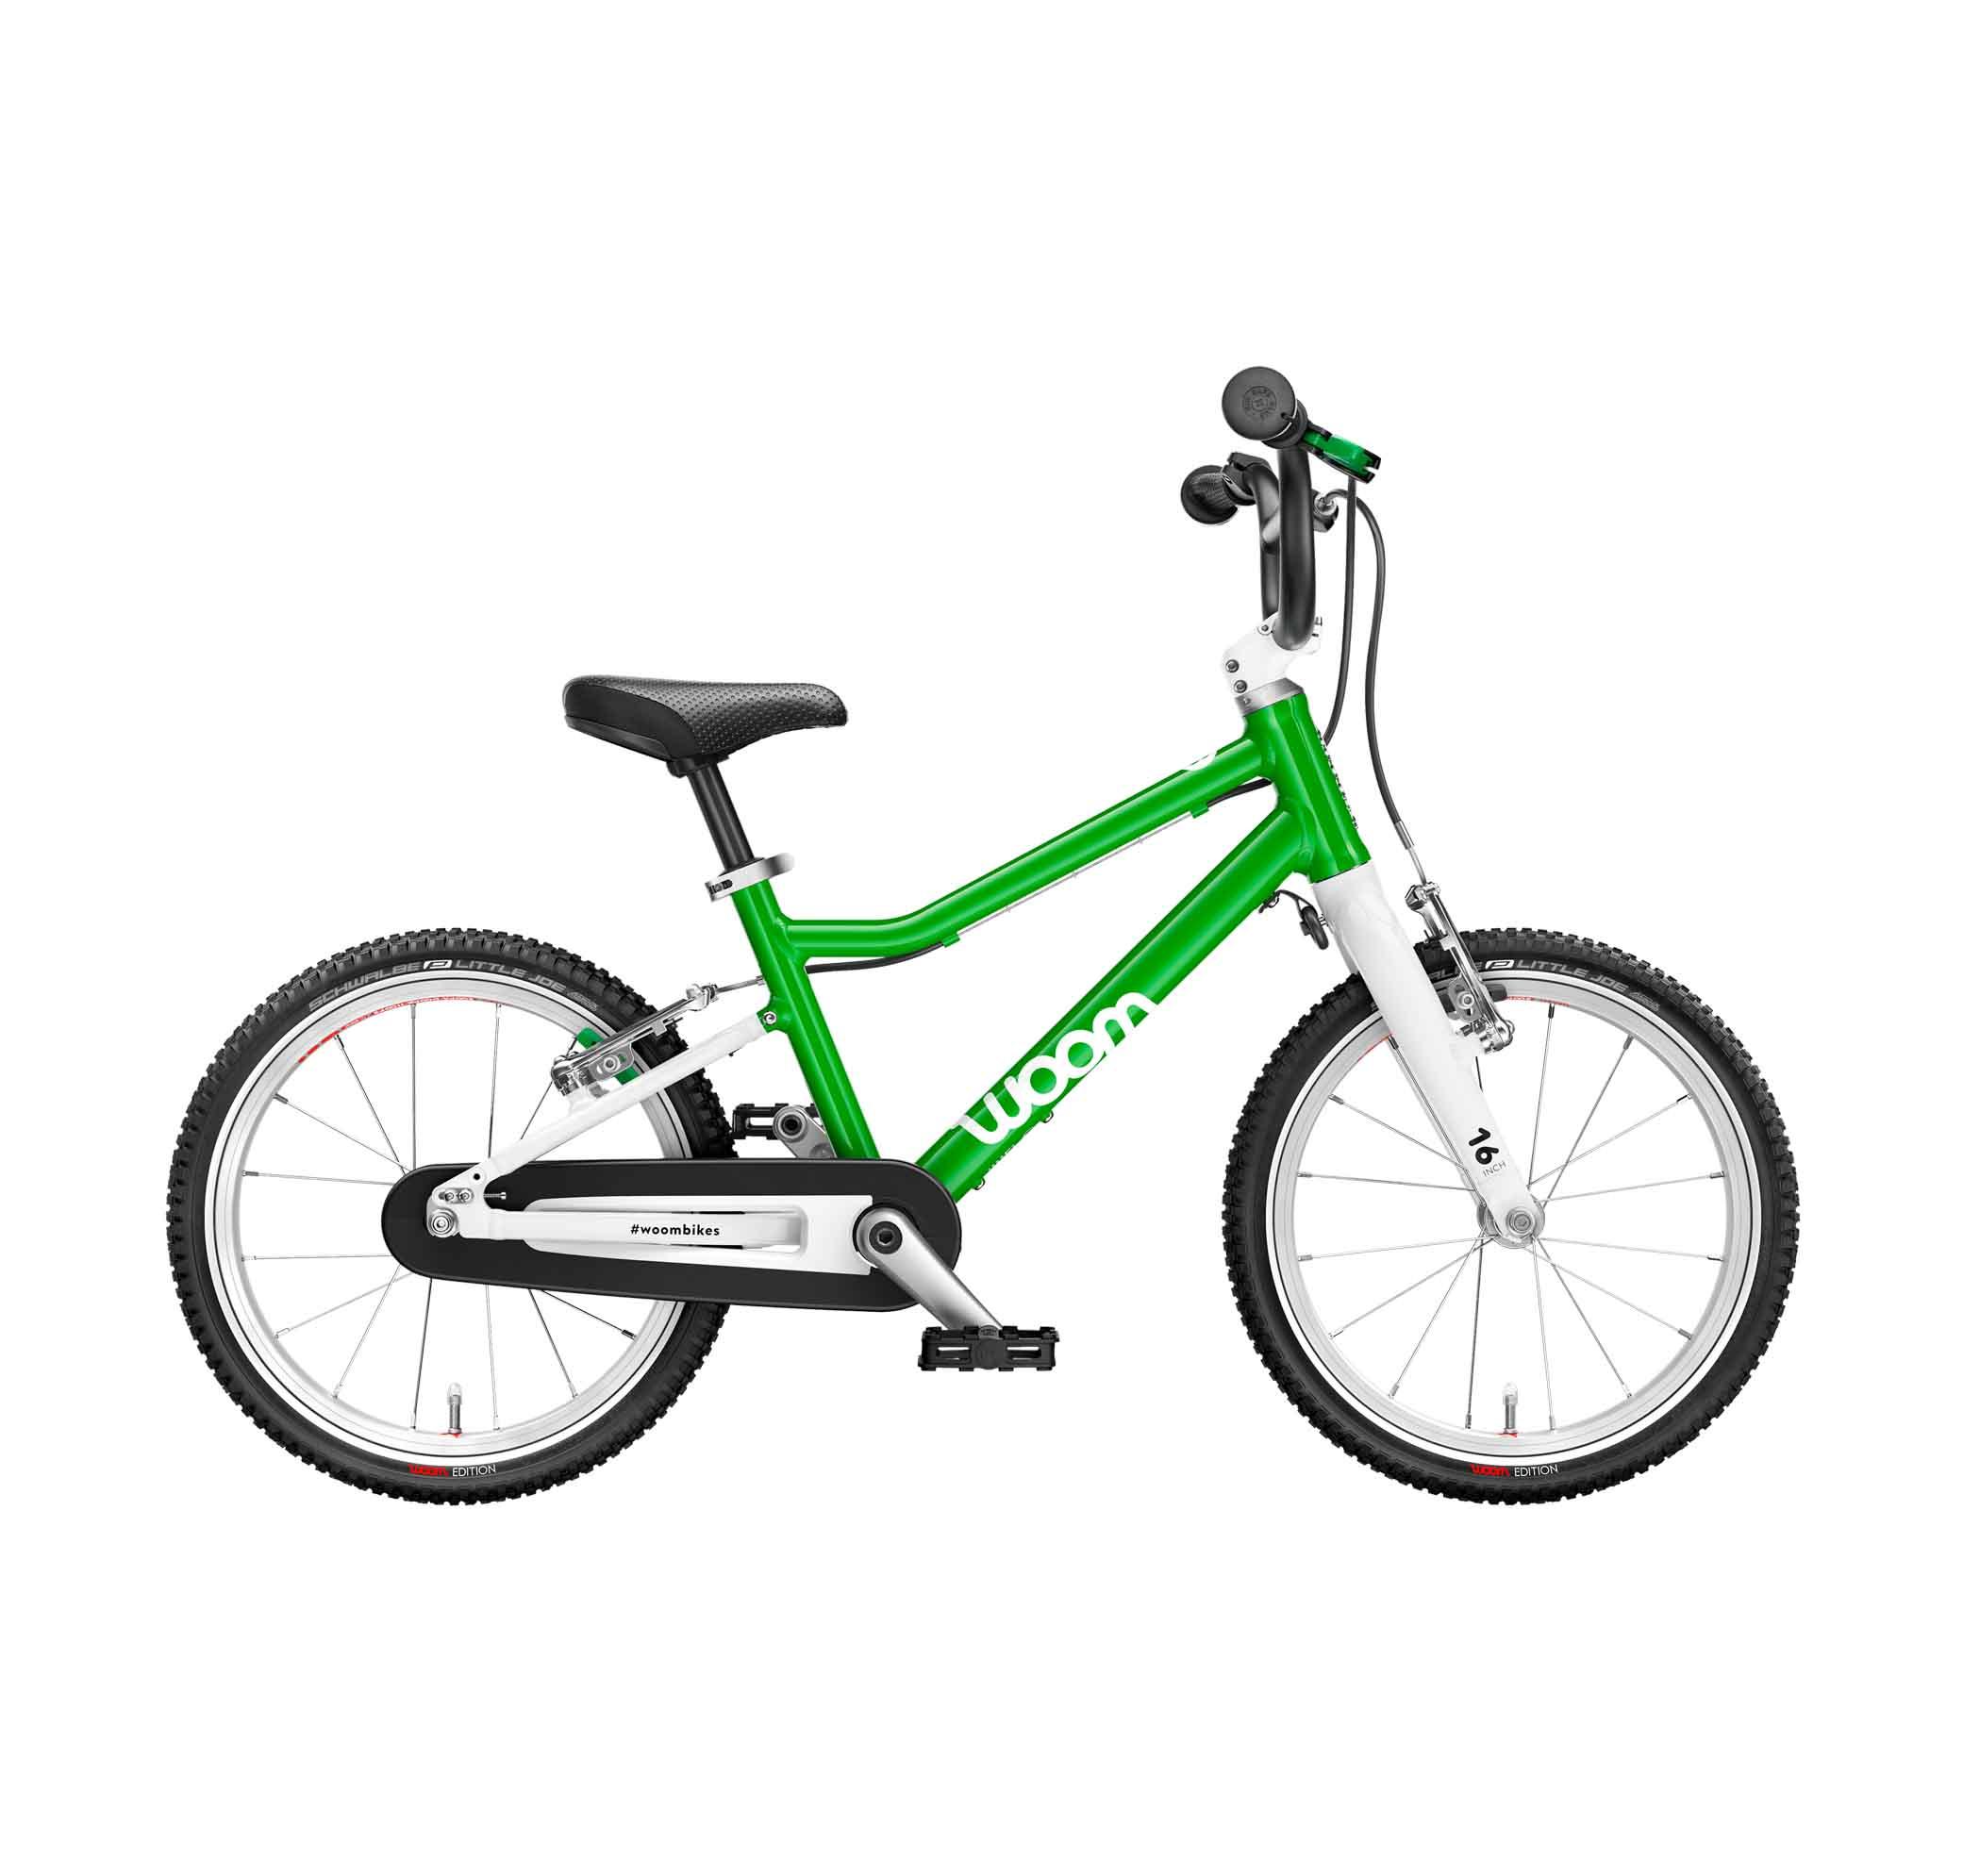 Woom_Rodeo_Bike_Woom_3_Green